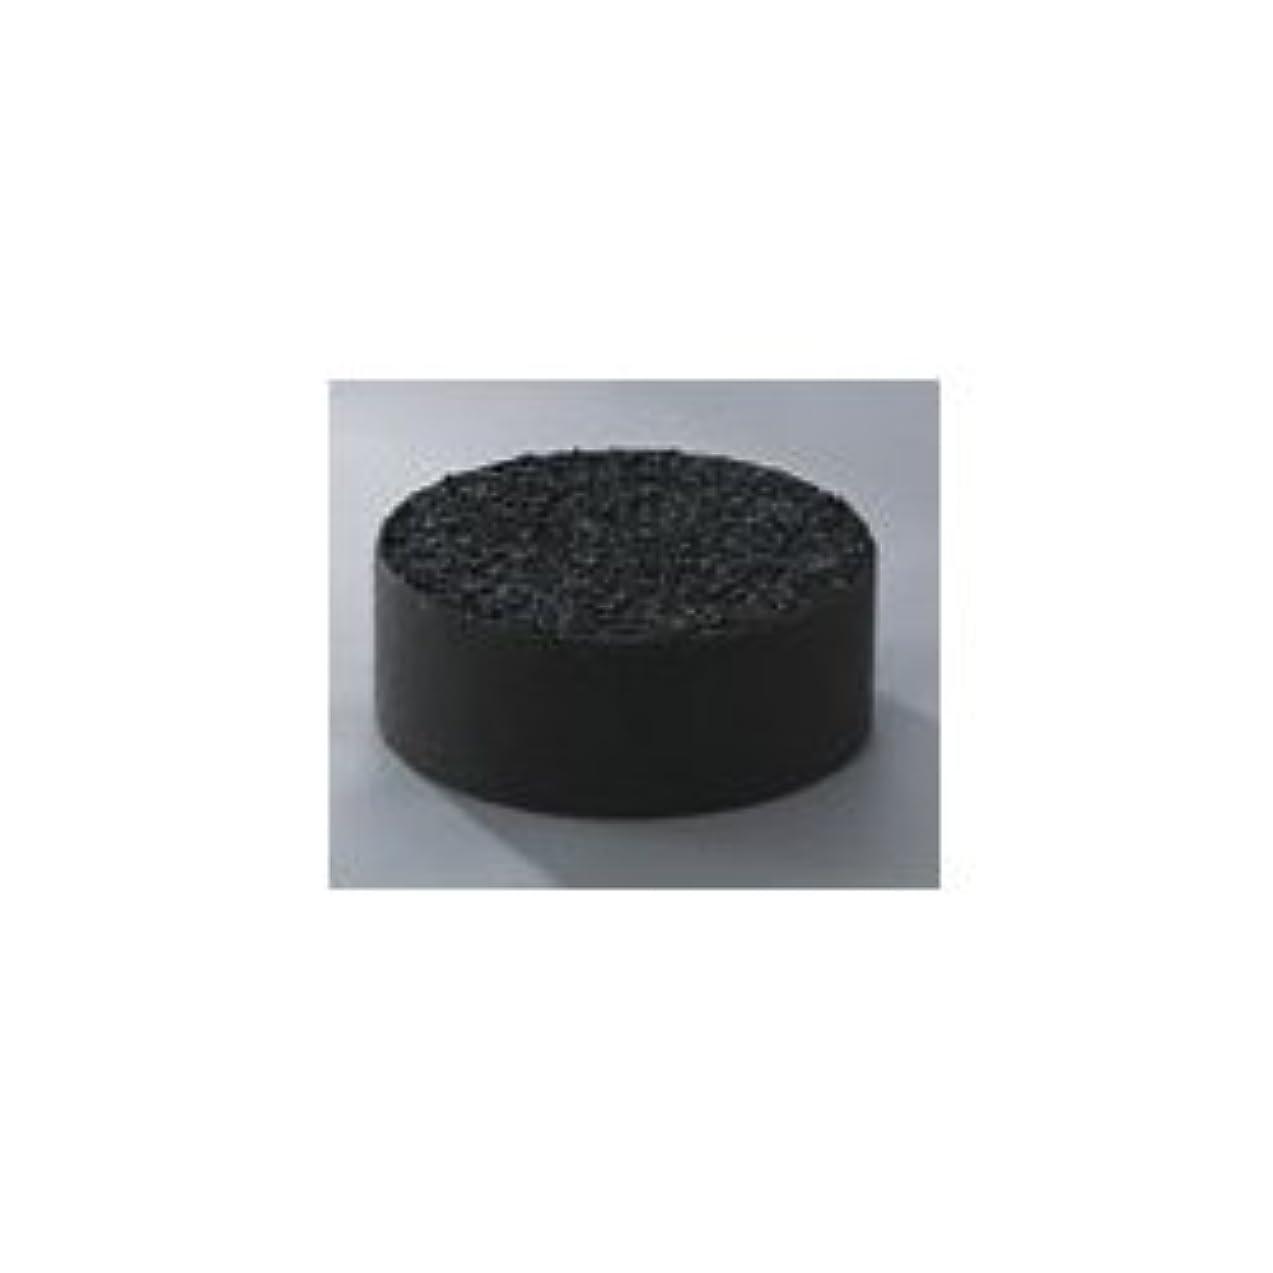 脈拍軽減条件付きジャノメ 24時間風呂 バインド活性炭 1個 バスエース用